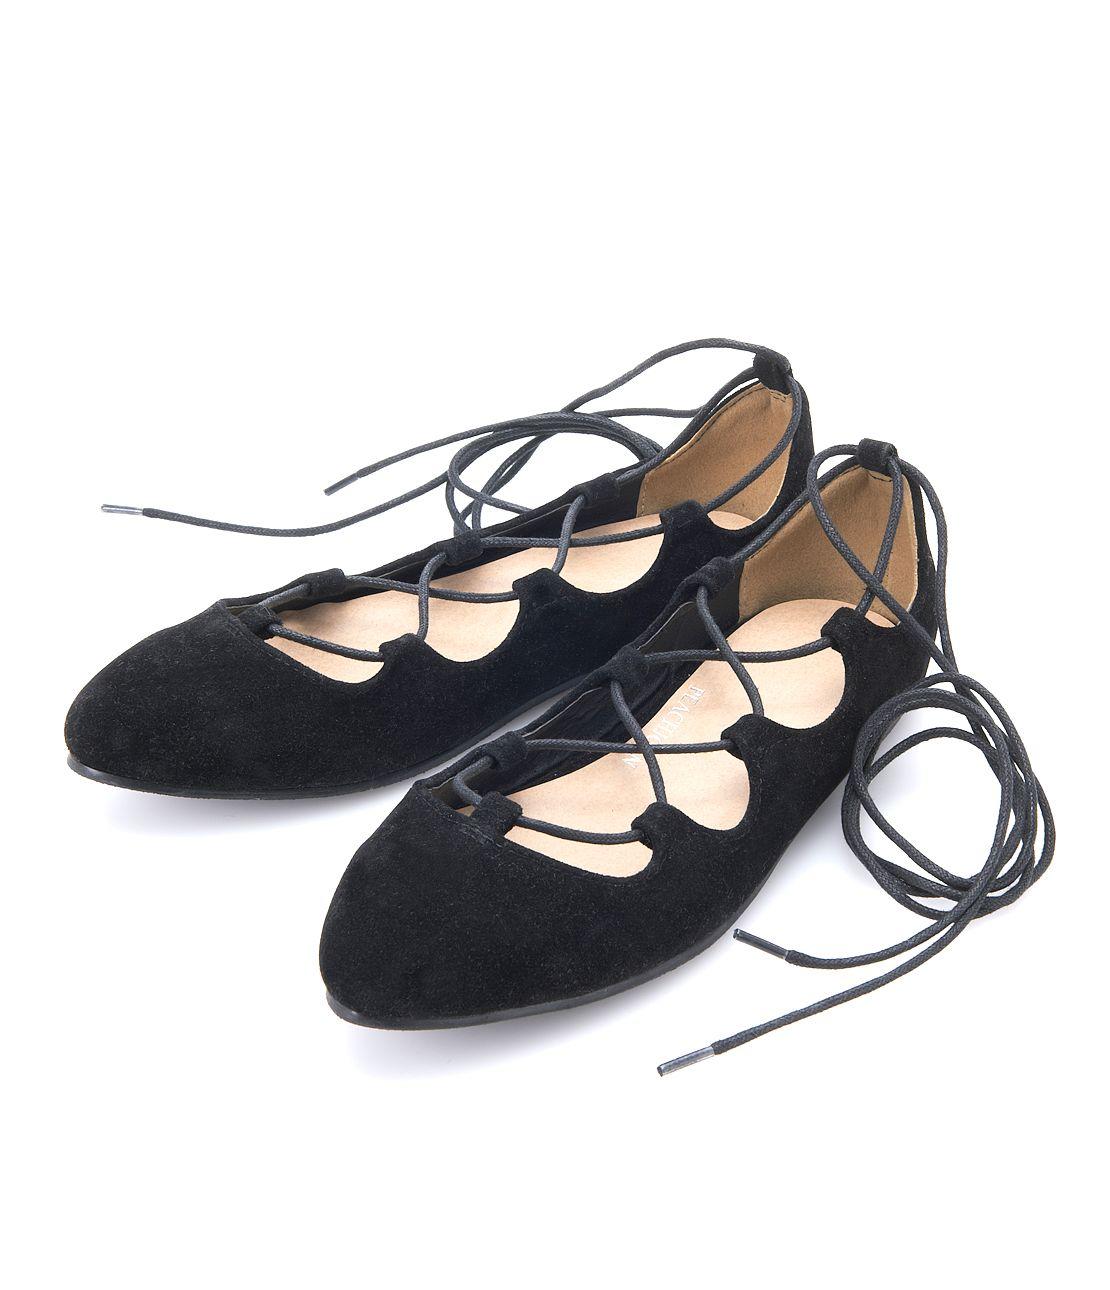 Lace Up Ballet Shoes